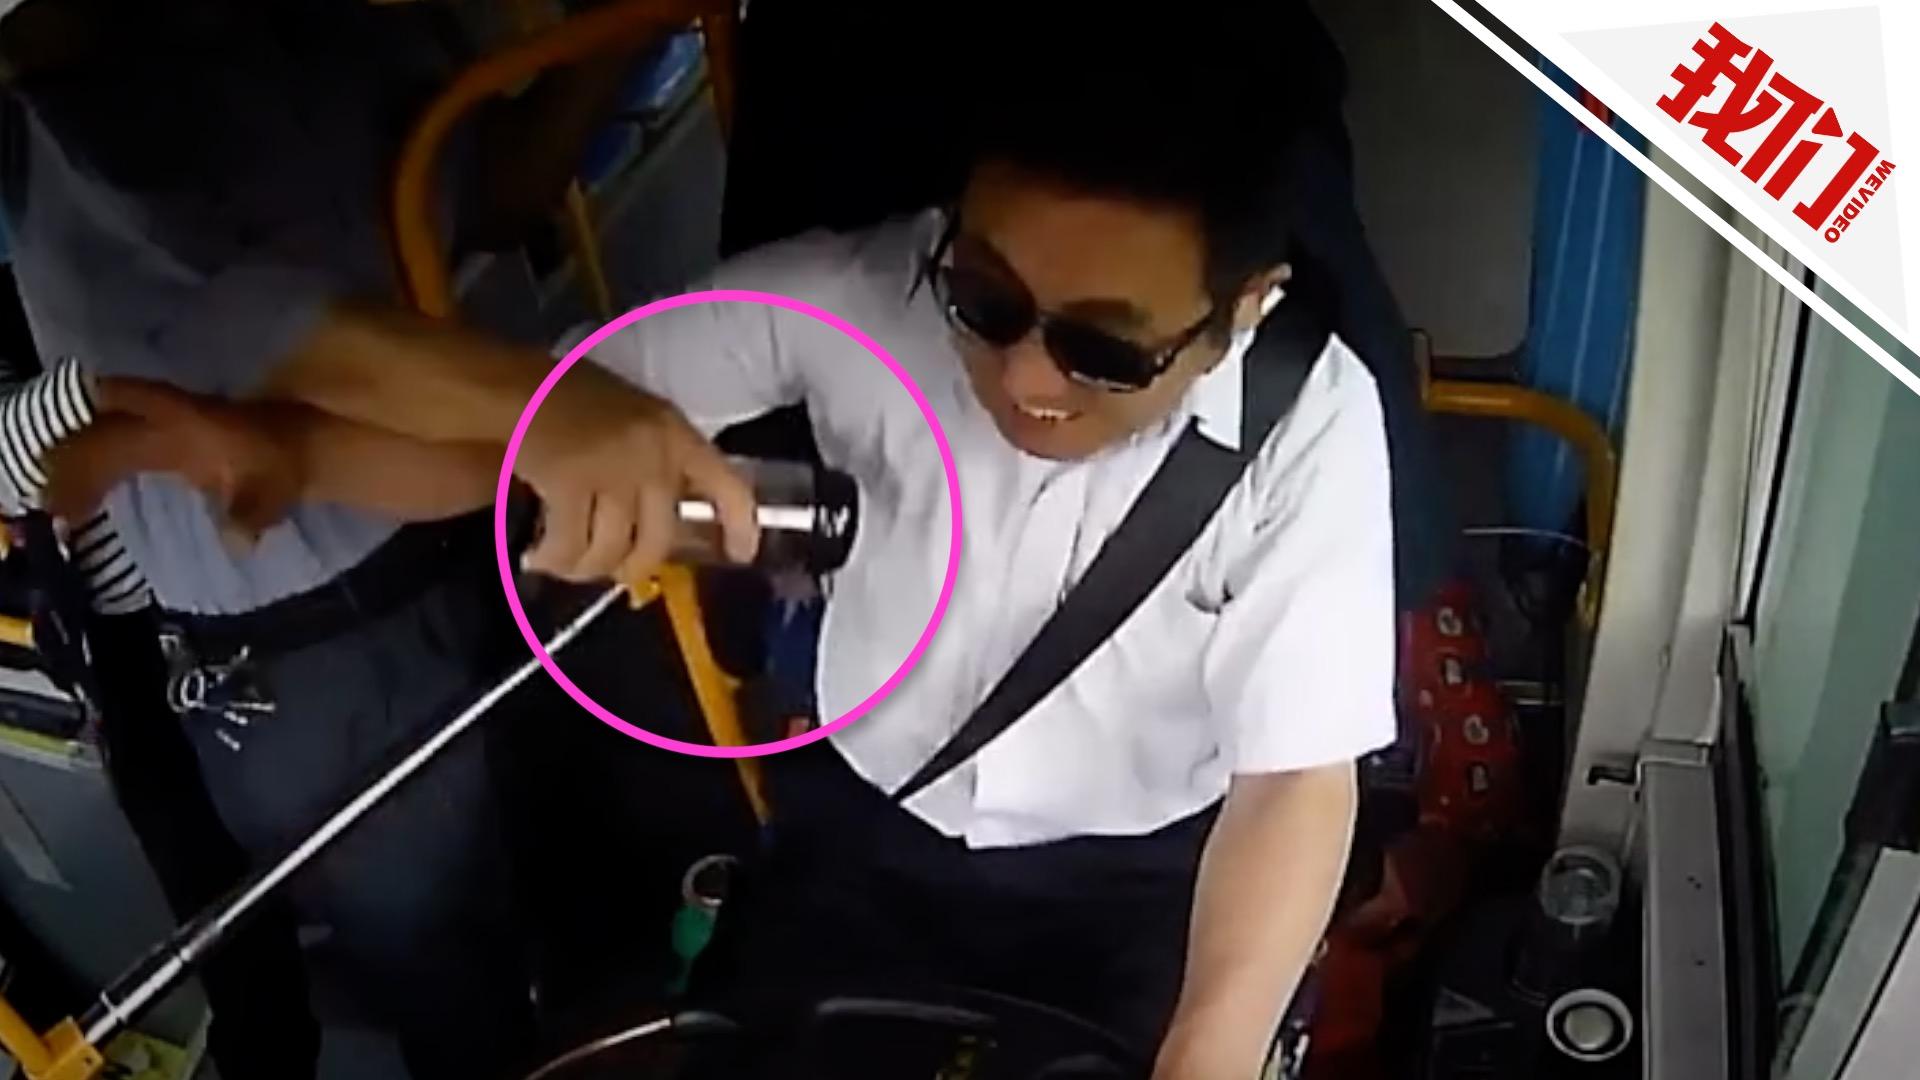 公交拐弯变道时司机突遭暴怒男水杯猛砸  警方:已刑拘